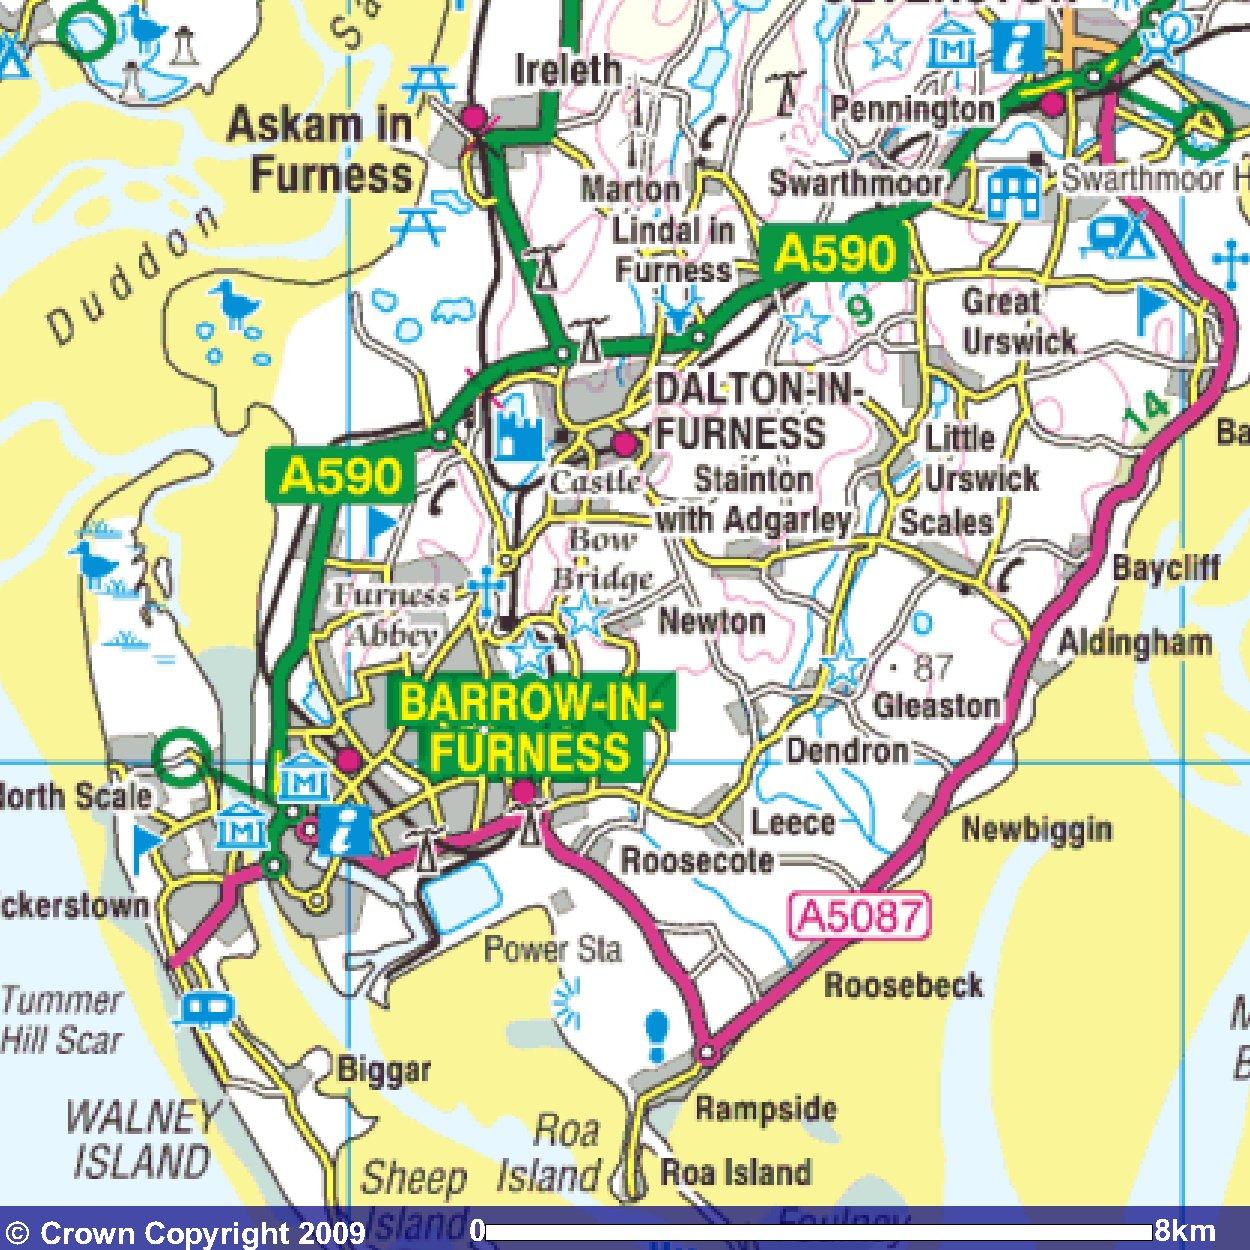 Walney Island Street Map